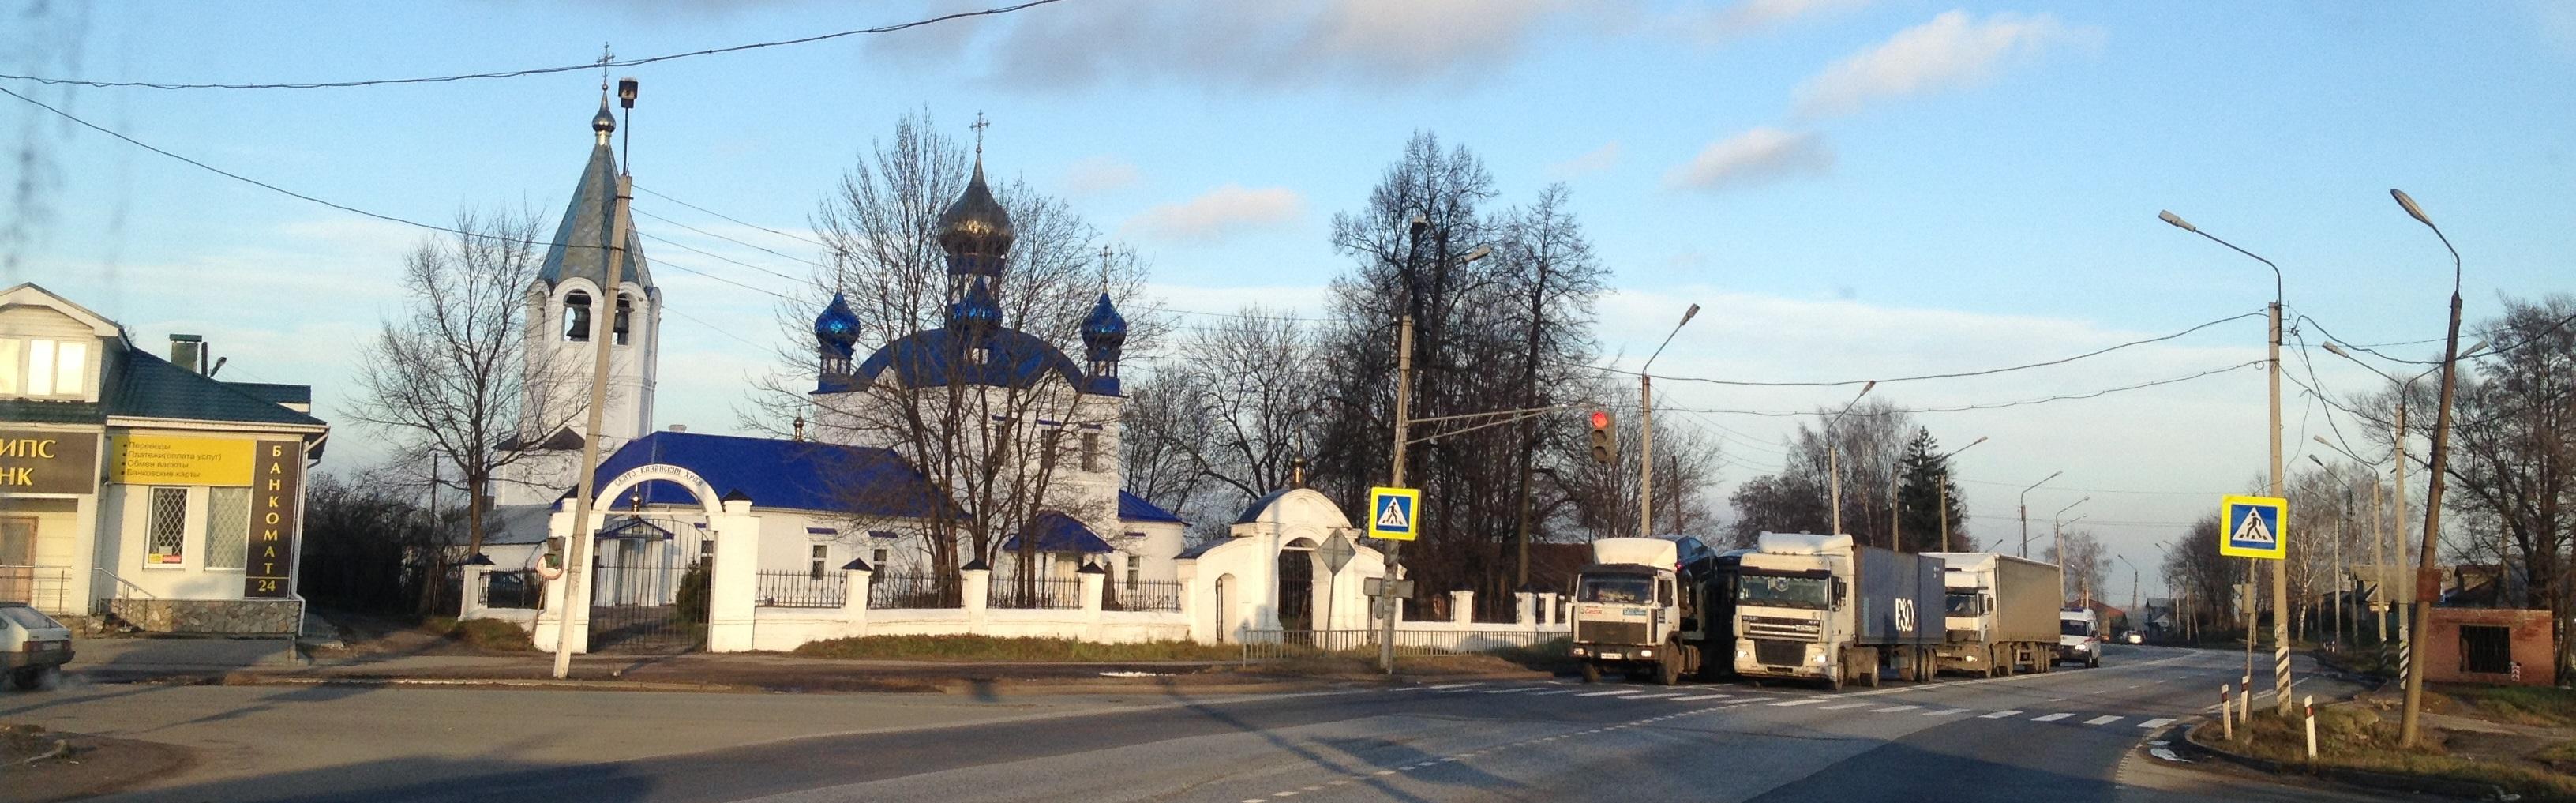 Грузоперевозки из Москвы по России